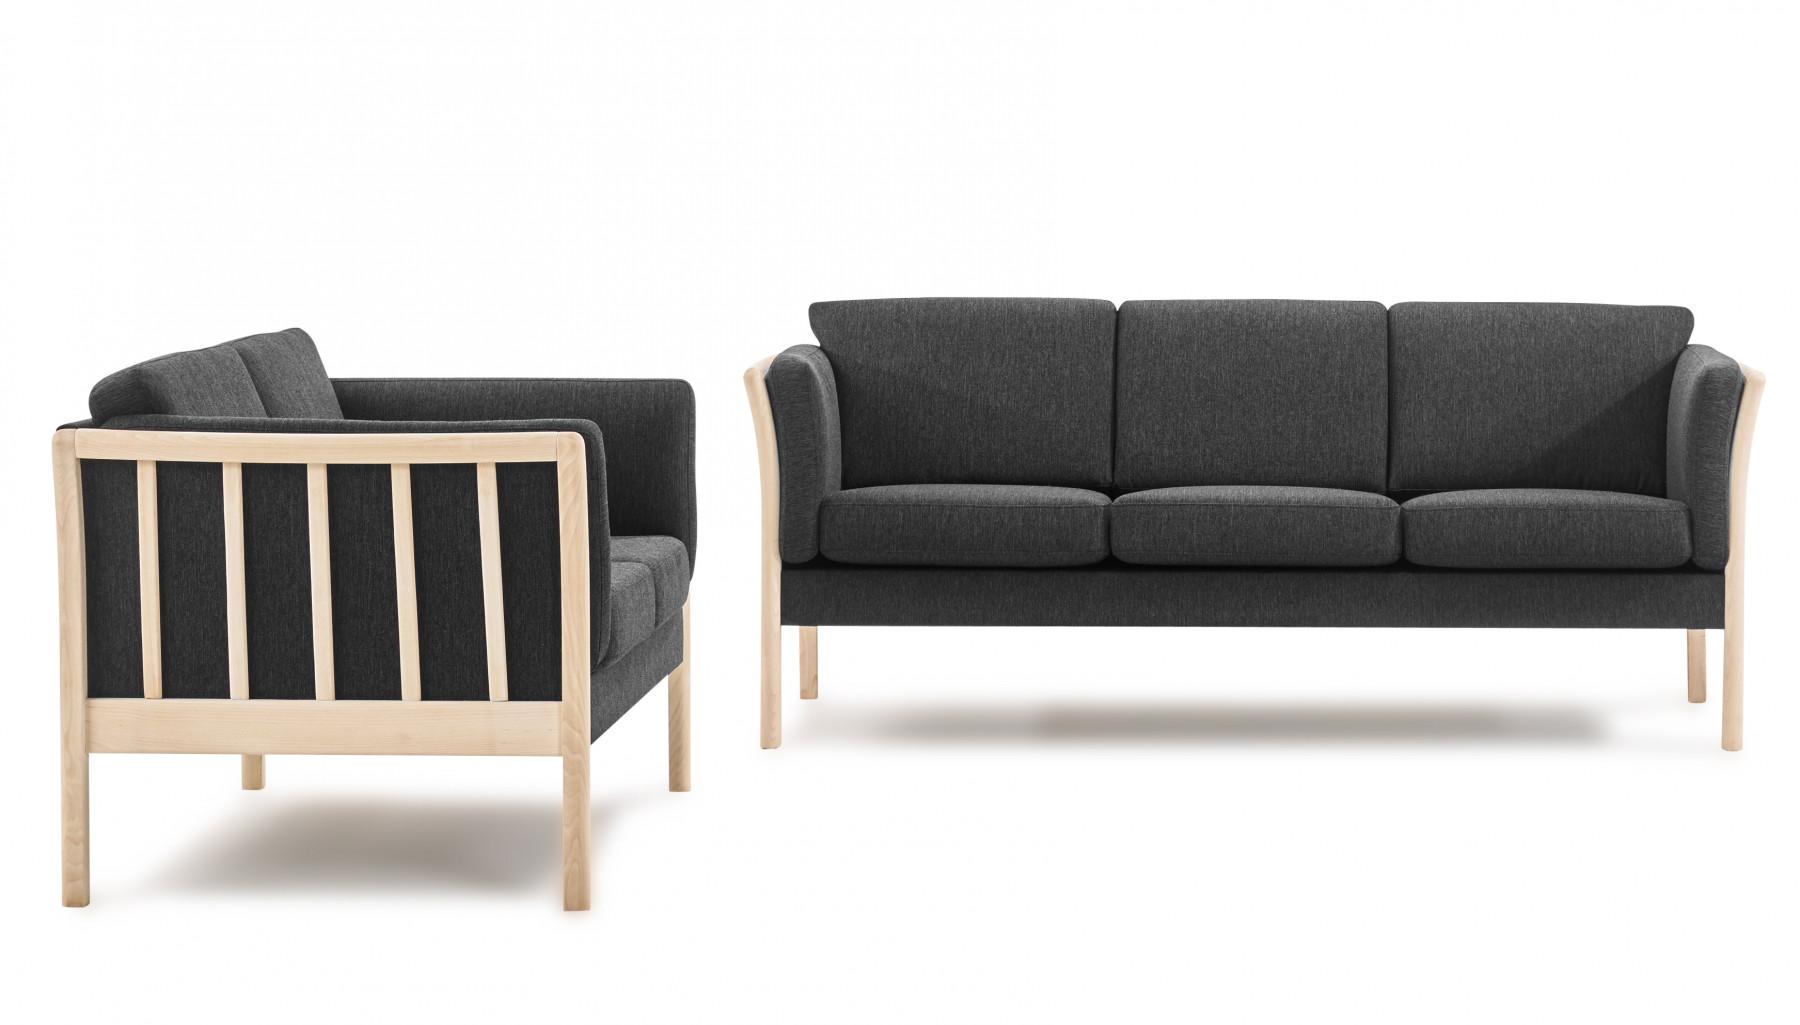 Flot Klassisk Sofasaet Med 2 3 Pers Tremme Sofa I Stof Med Stel I Bog